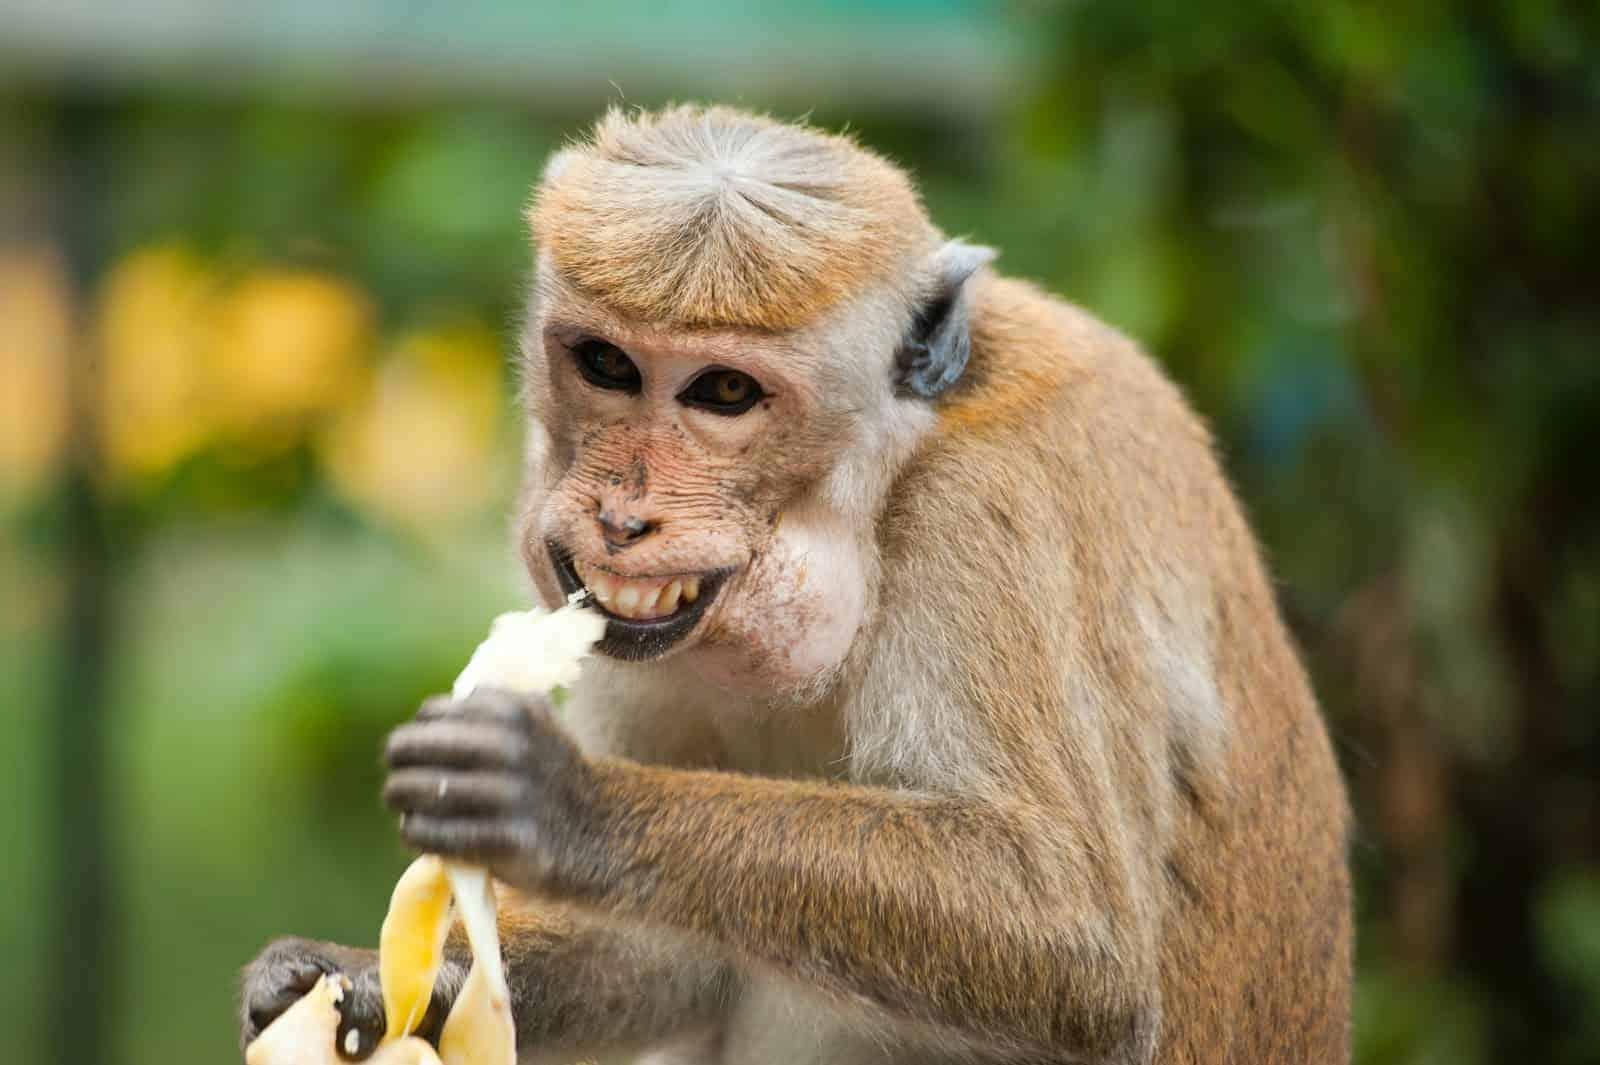 Monkey eating a banana.